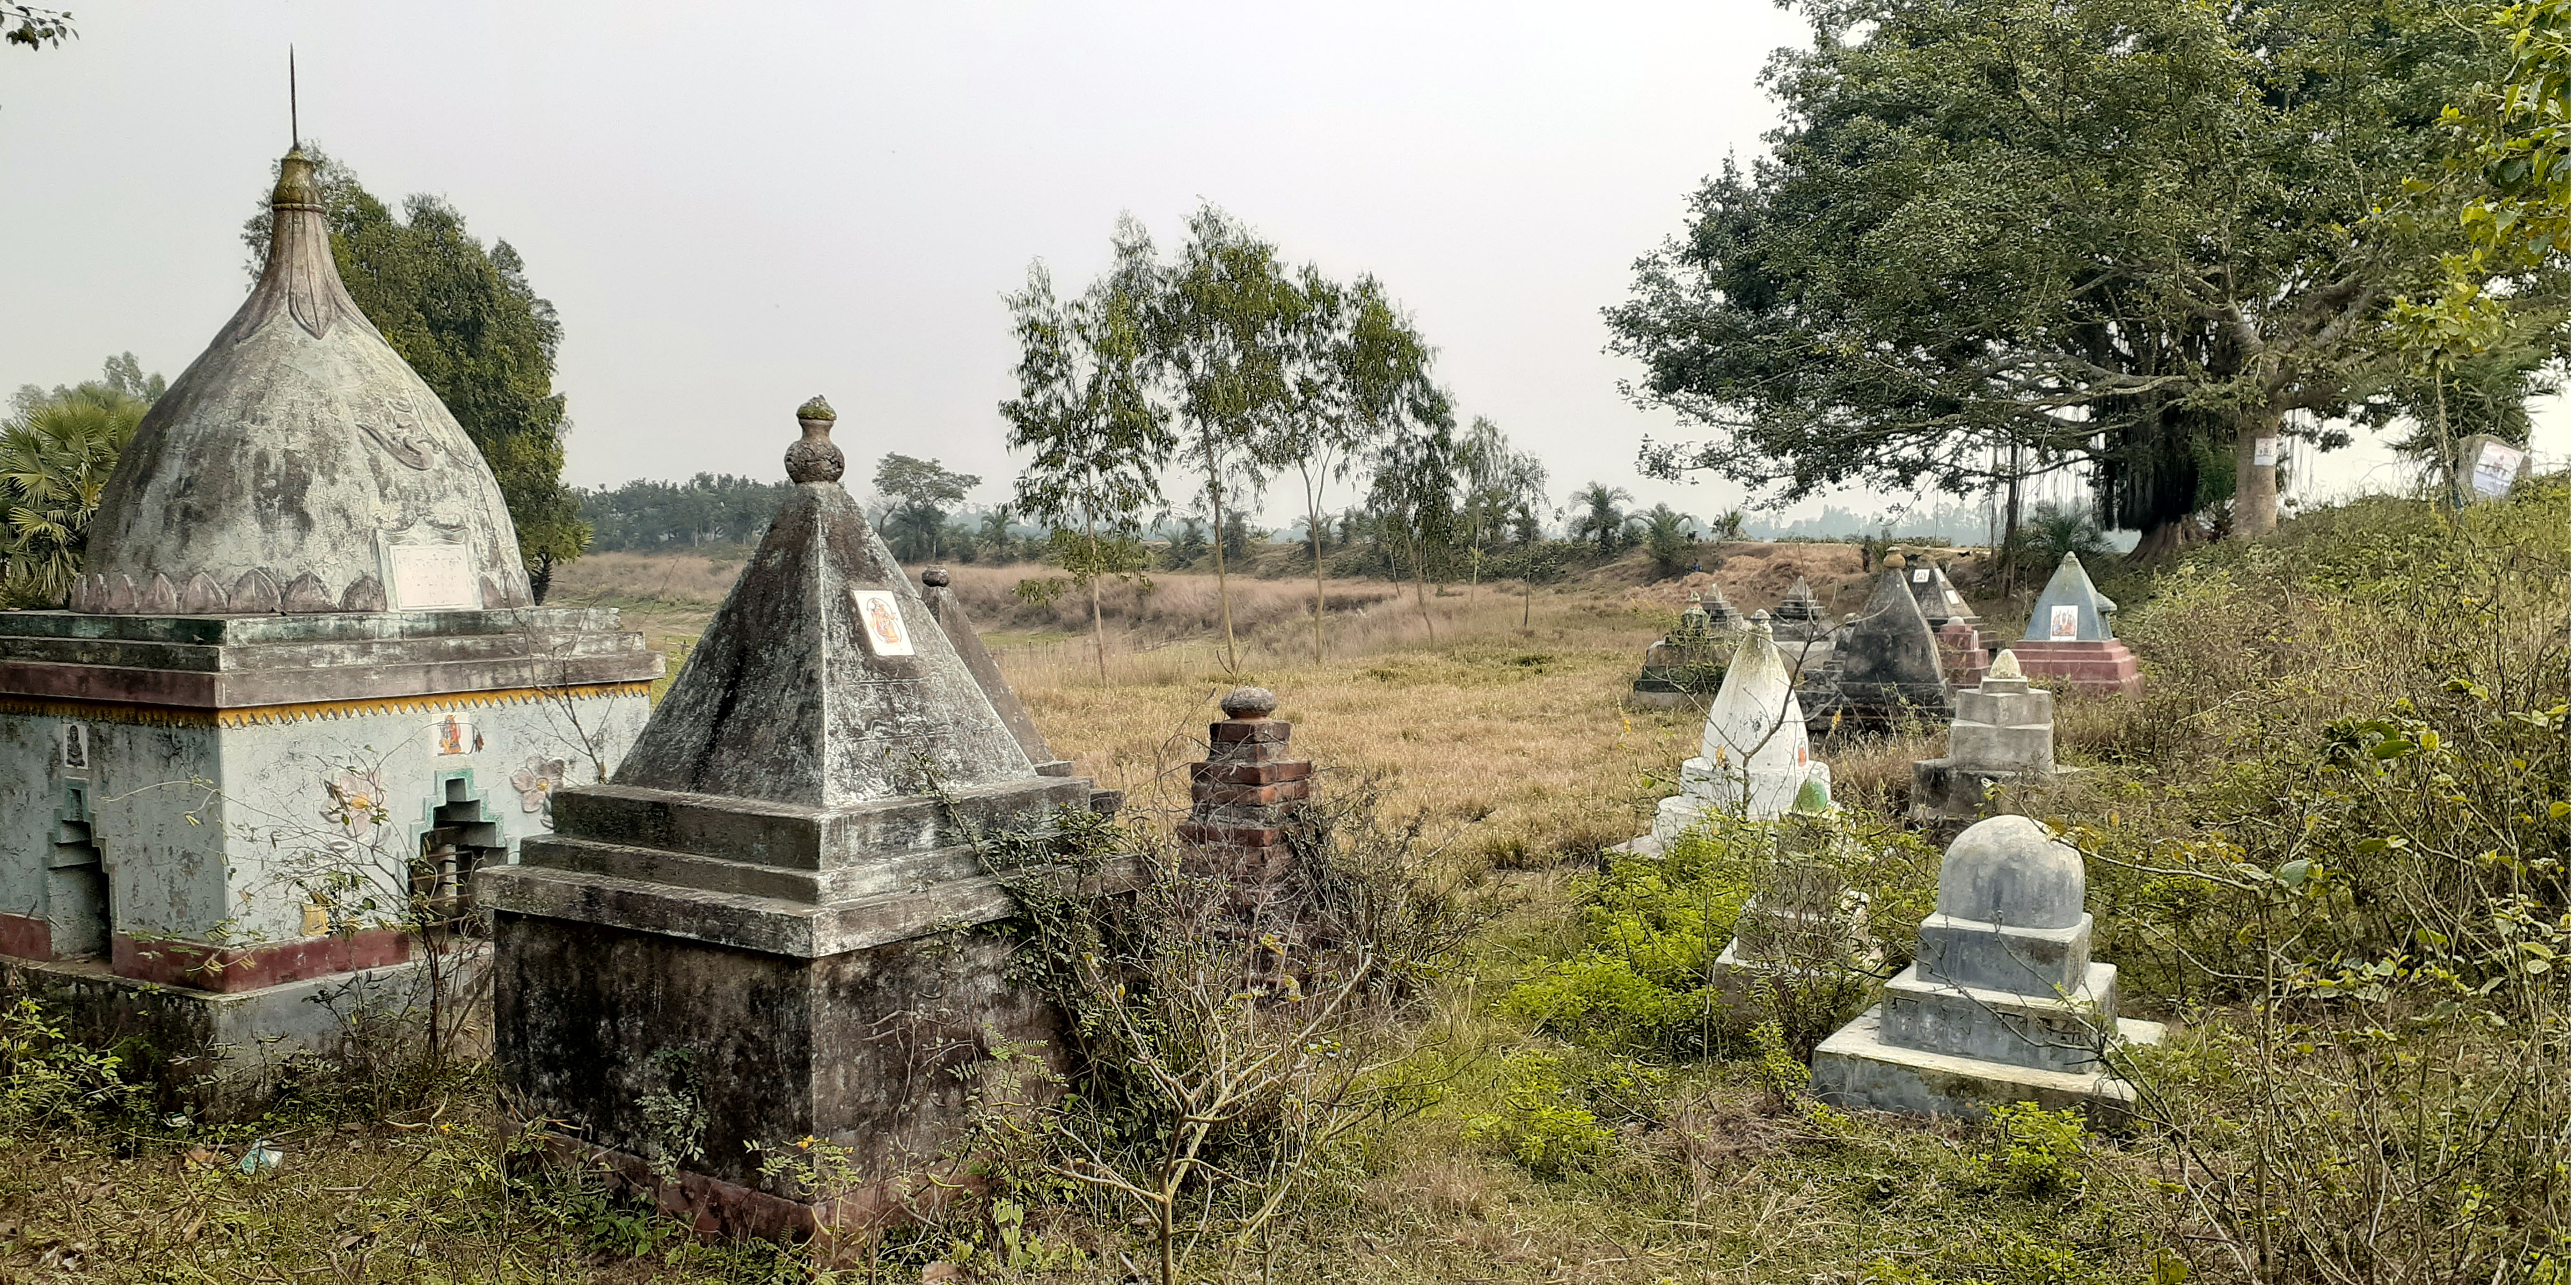 নানা সমস্যায় জর্জরিত রাণীনগরের যুগ্নীতলা